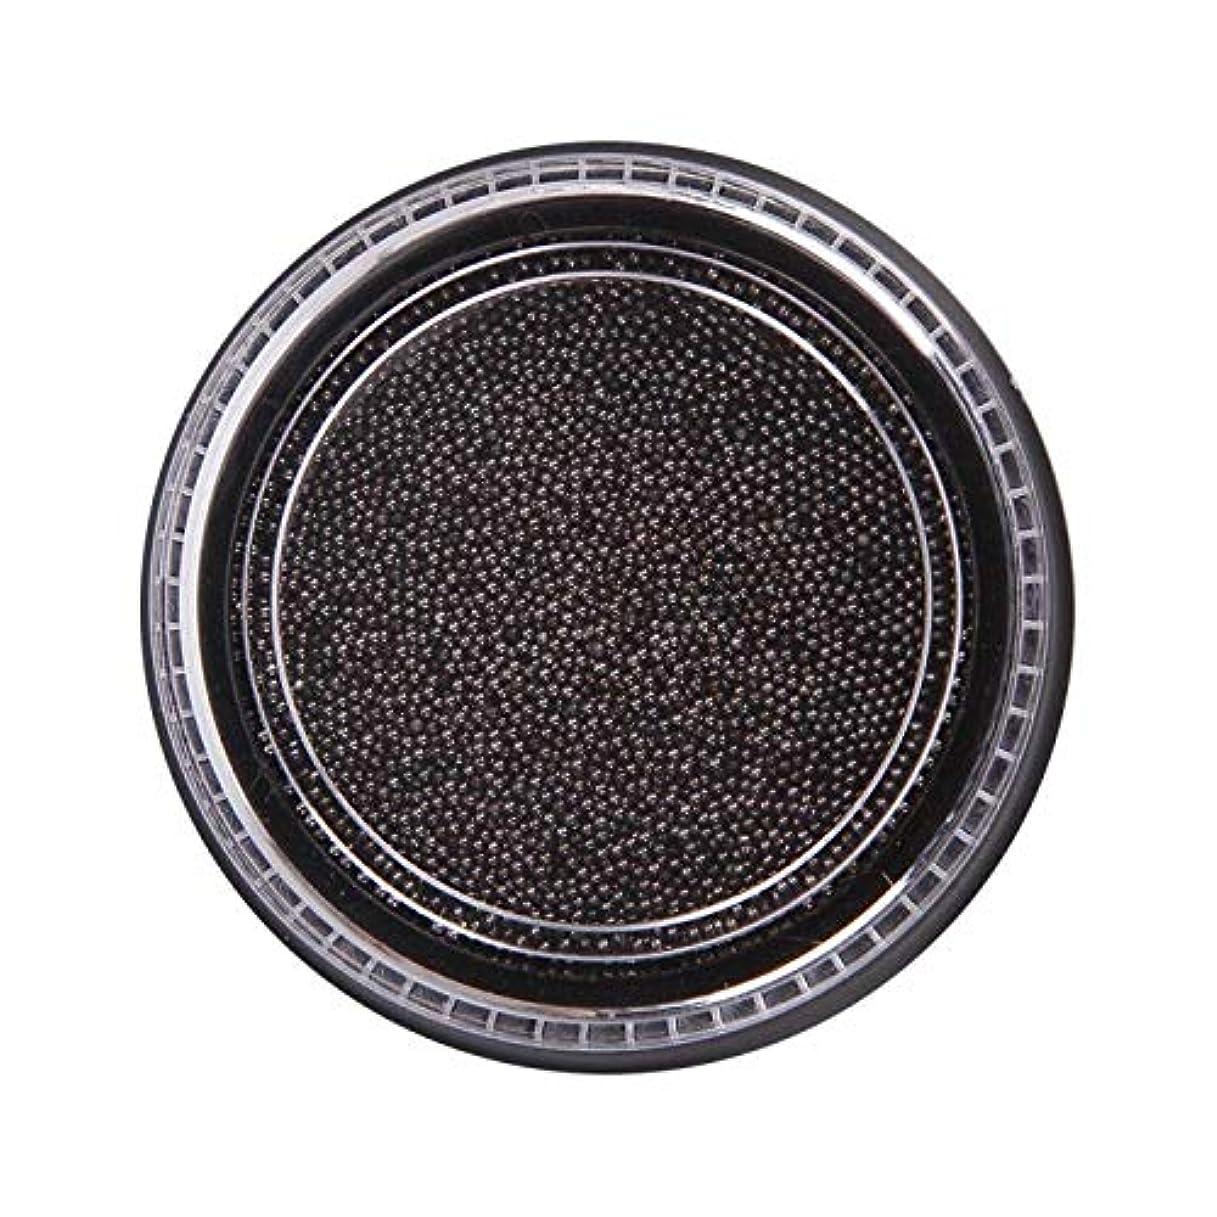 美しい徐々に弓Wadachikis 素晴らしいネイル美容化粧ステンレス鋼ビーズアートアートシルバーローズゴールドキャビアDIYネイルビーズ装飾(None Black Boxes-Black)